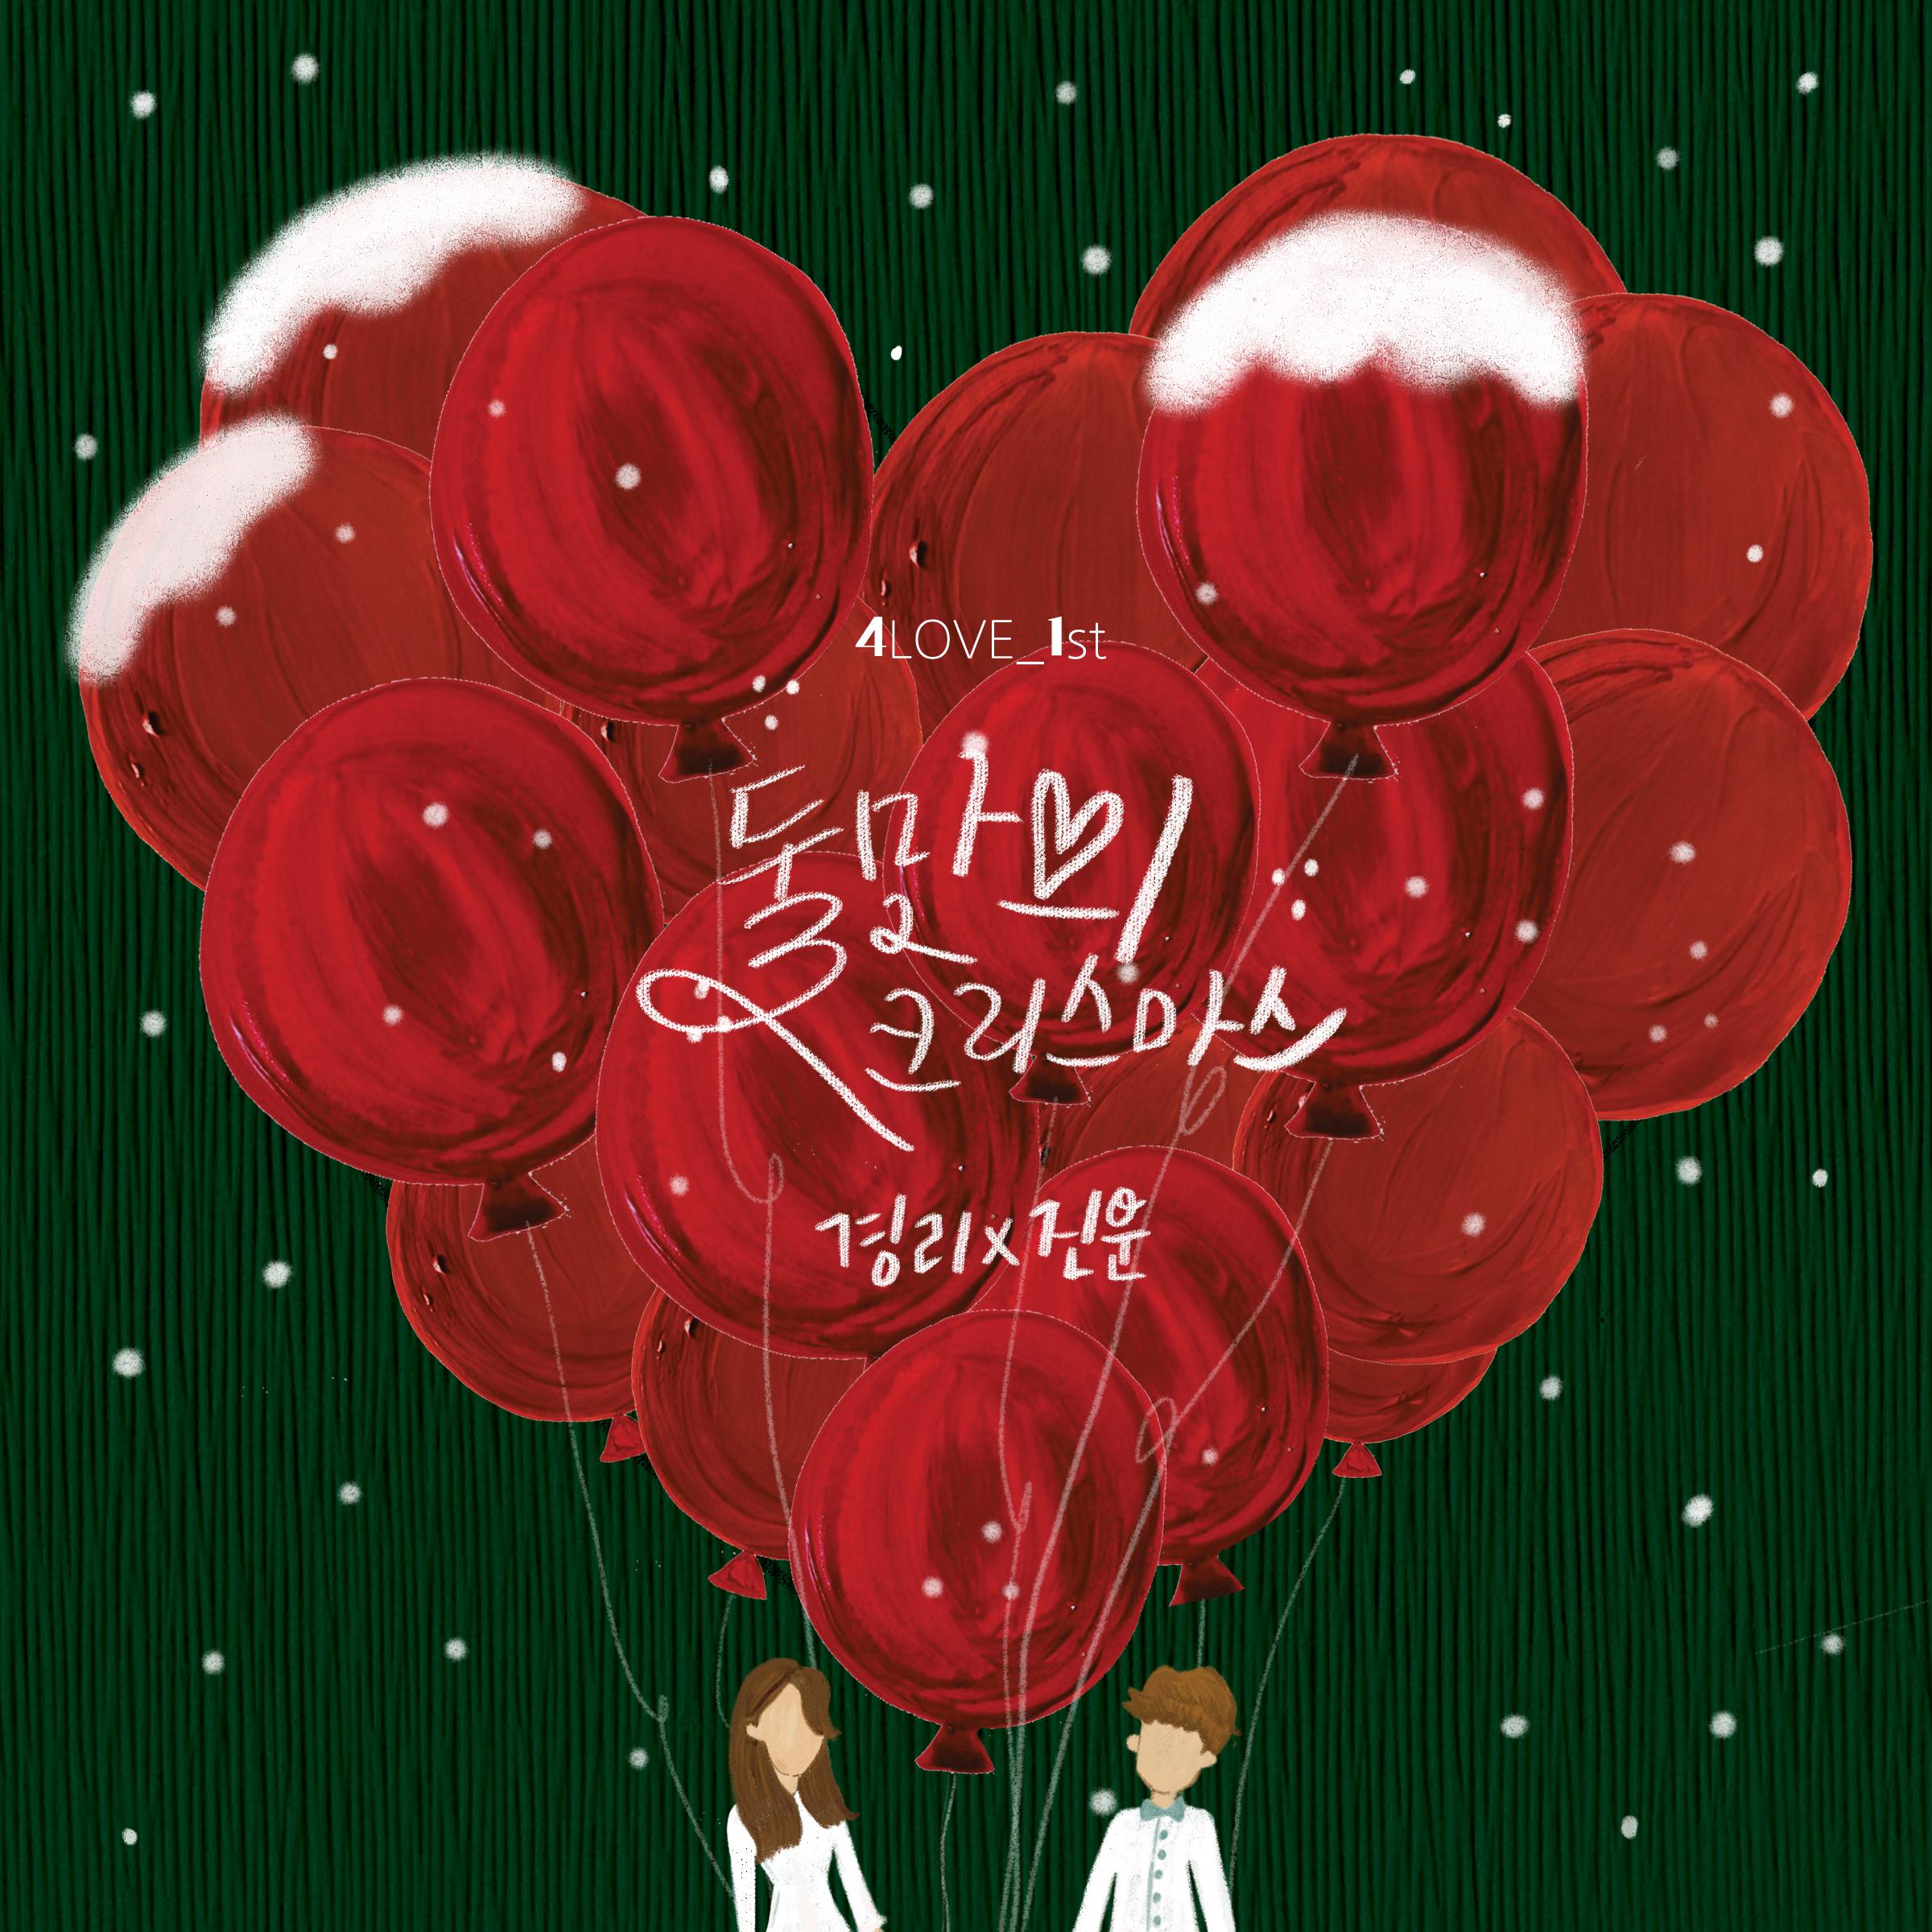 경리X진운, '둘만의 크리스마스' 오늘(18일) 오후 6시 공개 #달콤 #러블리